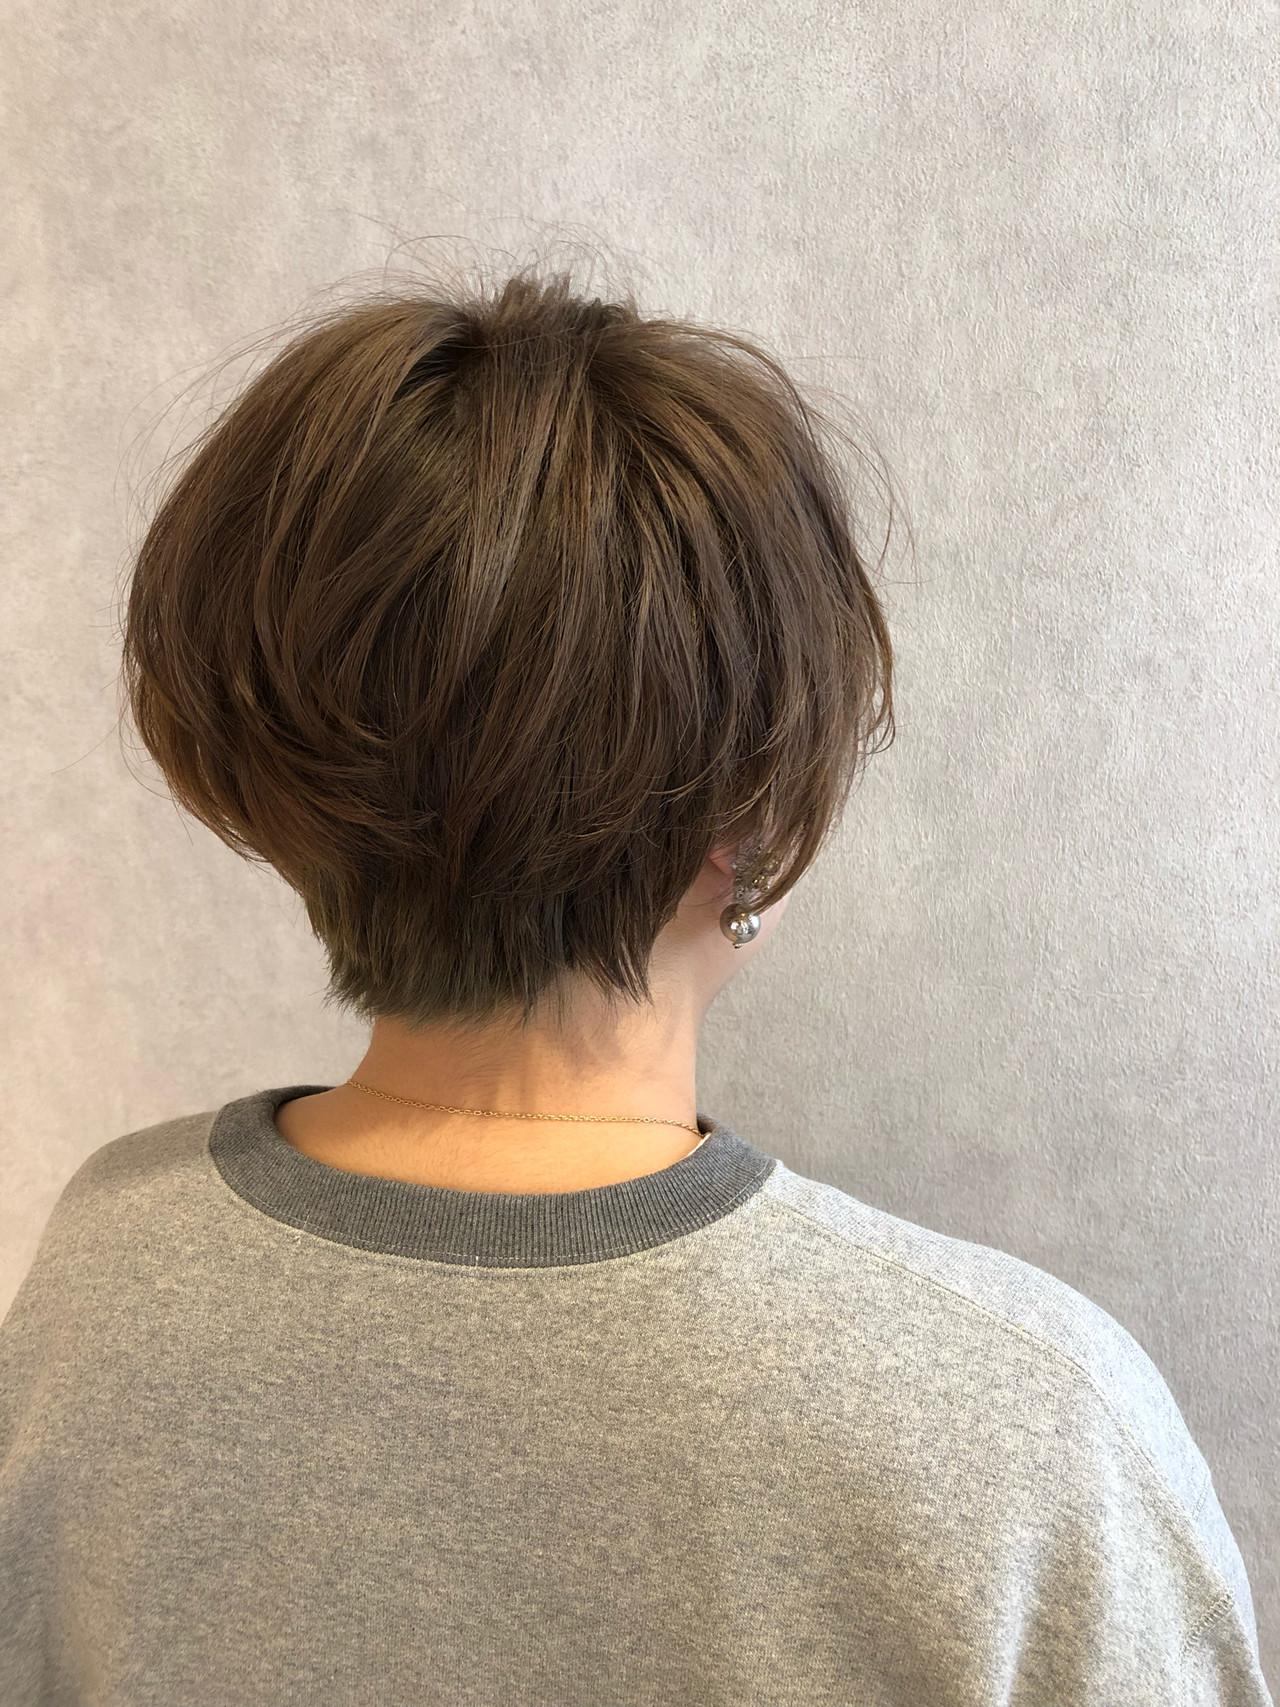 ショート ショートボブ ナチュラル カジュアル ヘアスタイルや髪型の写真・画像 | enn 増田 大将 / HAIR&MAKE  enn